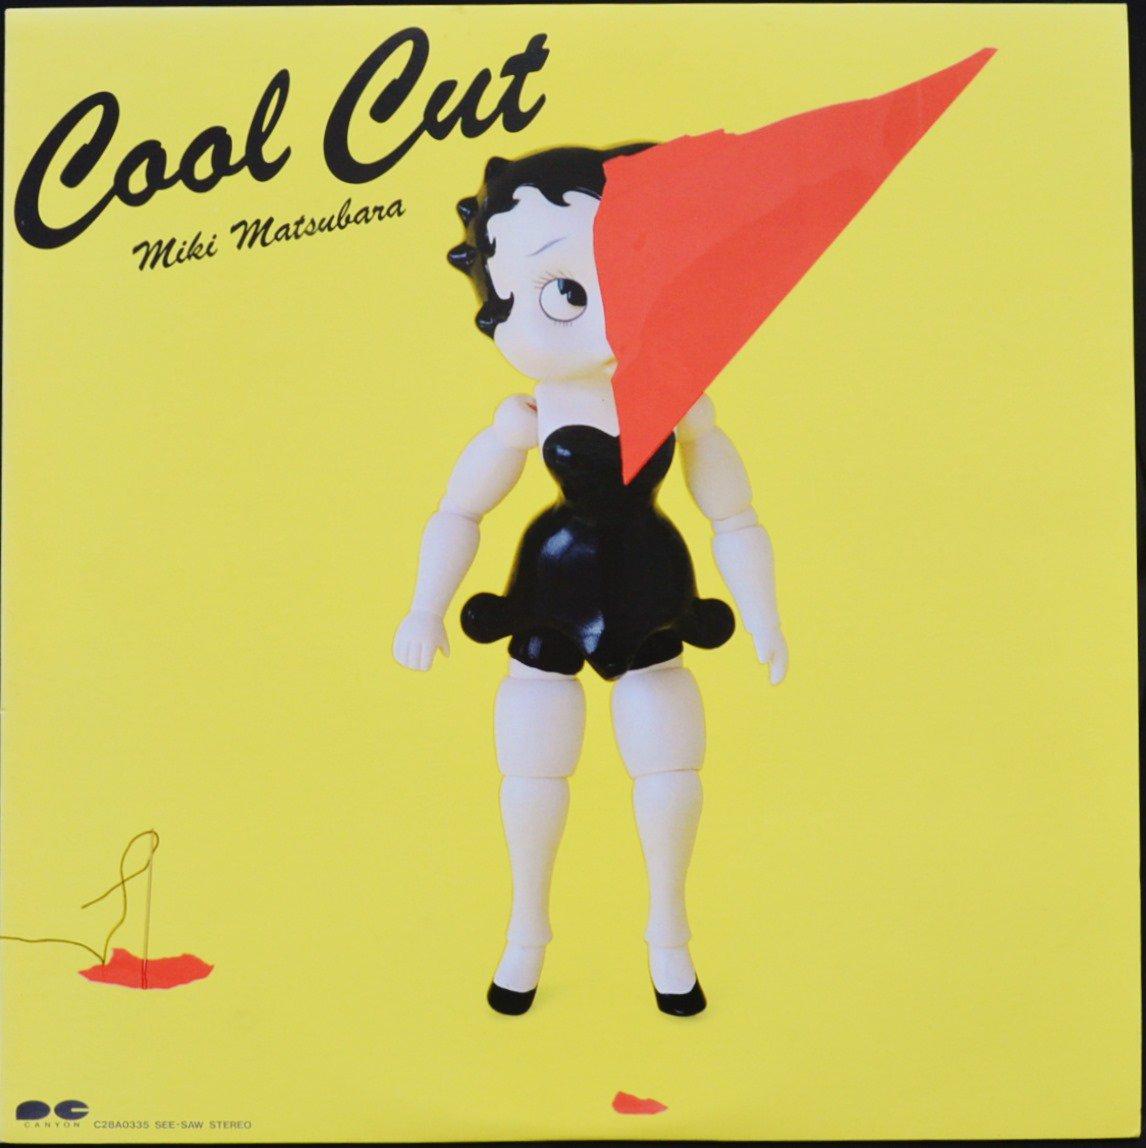 松原みき MIKI MATSUBARA / クール・カット COOL CUT (LP)